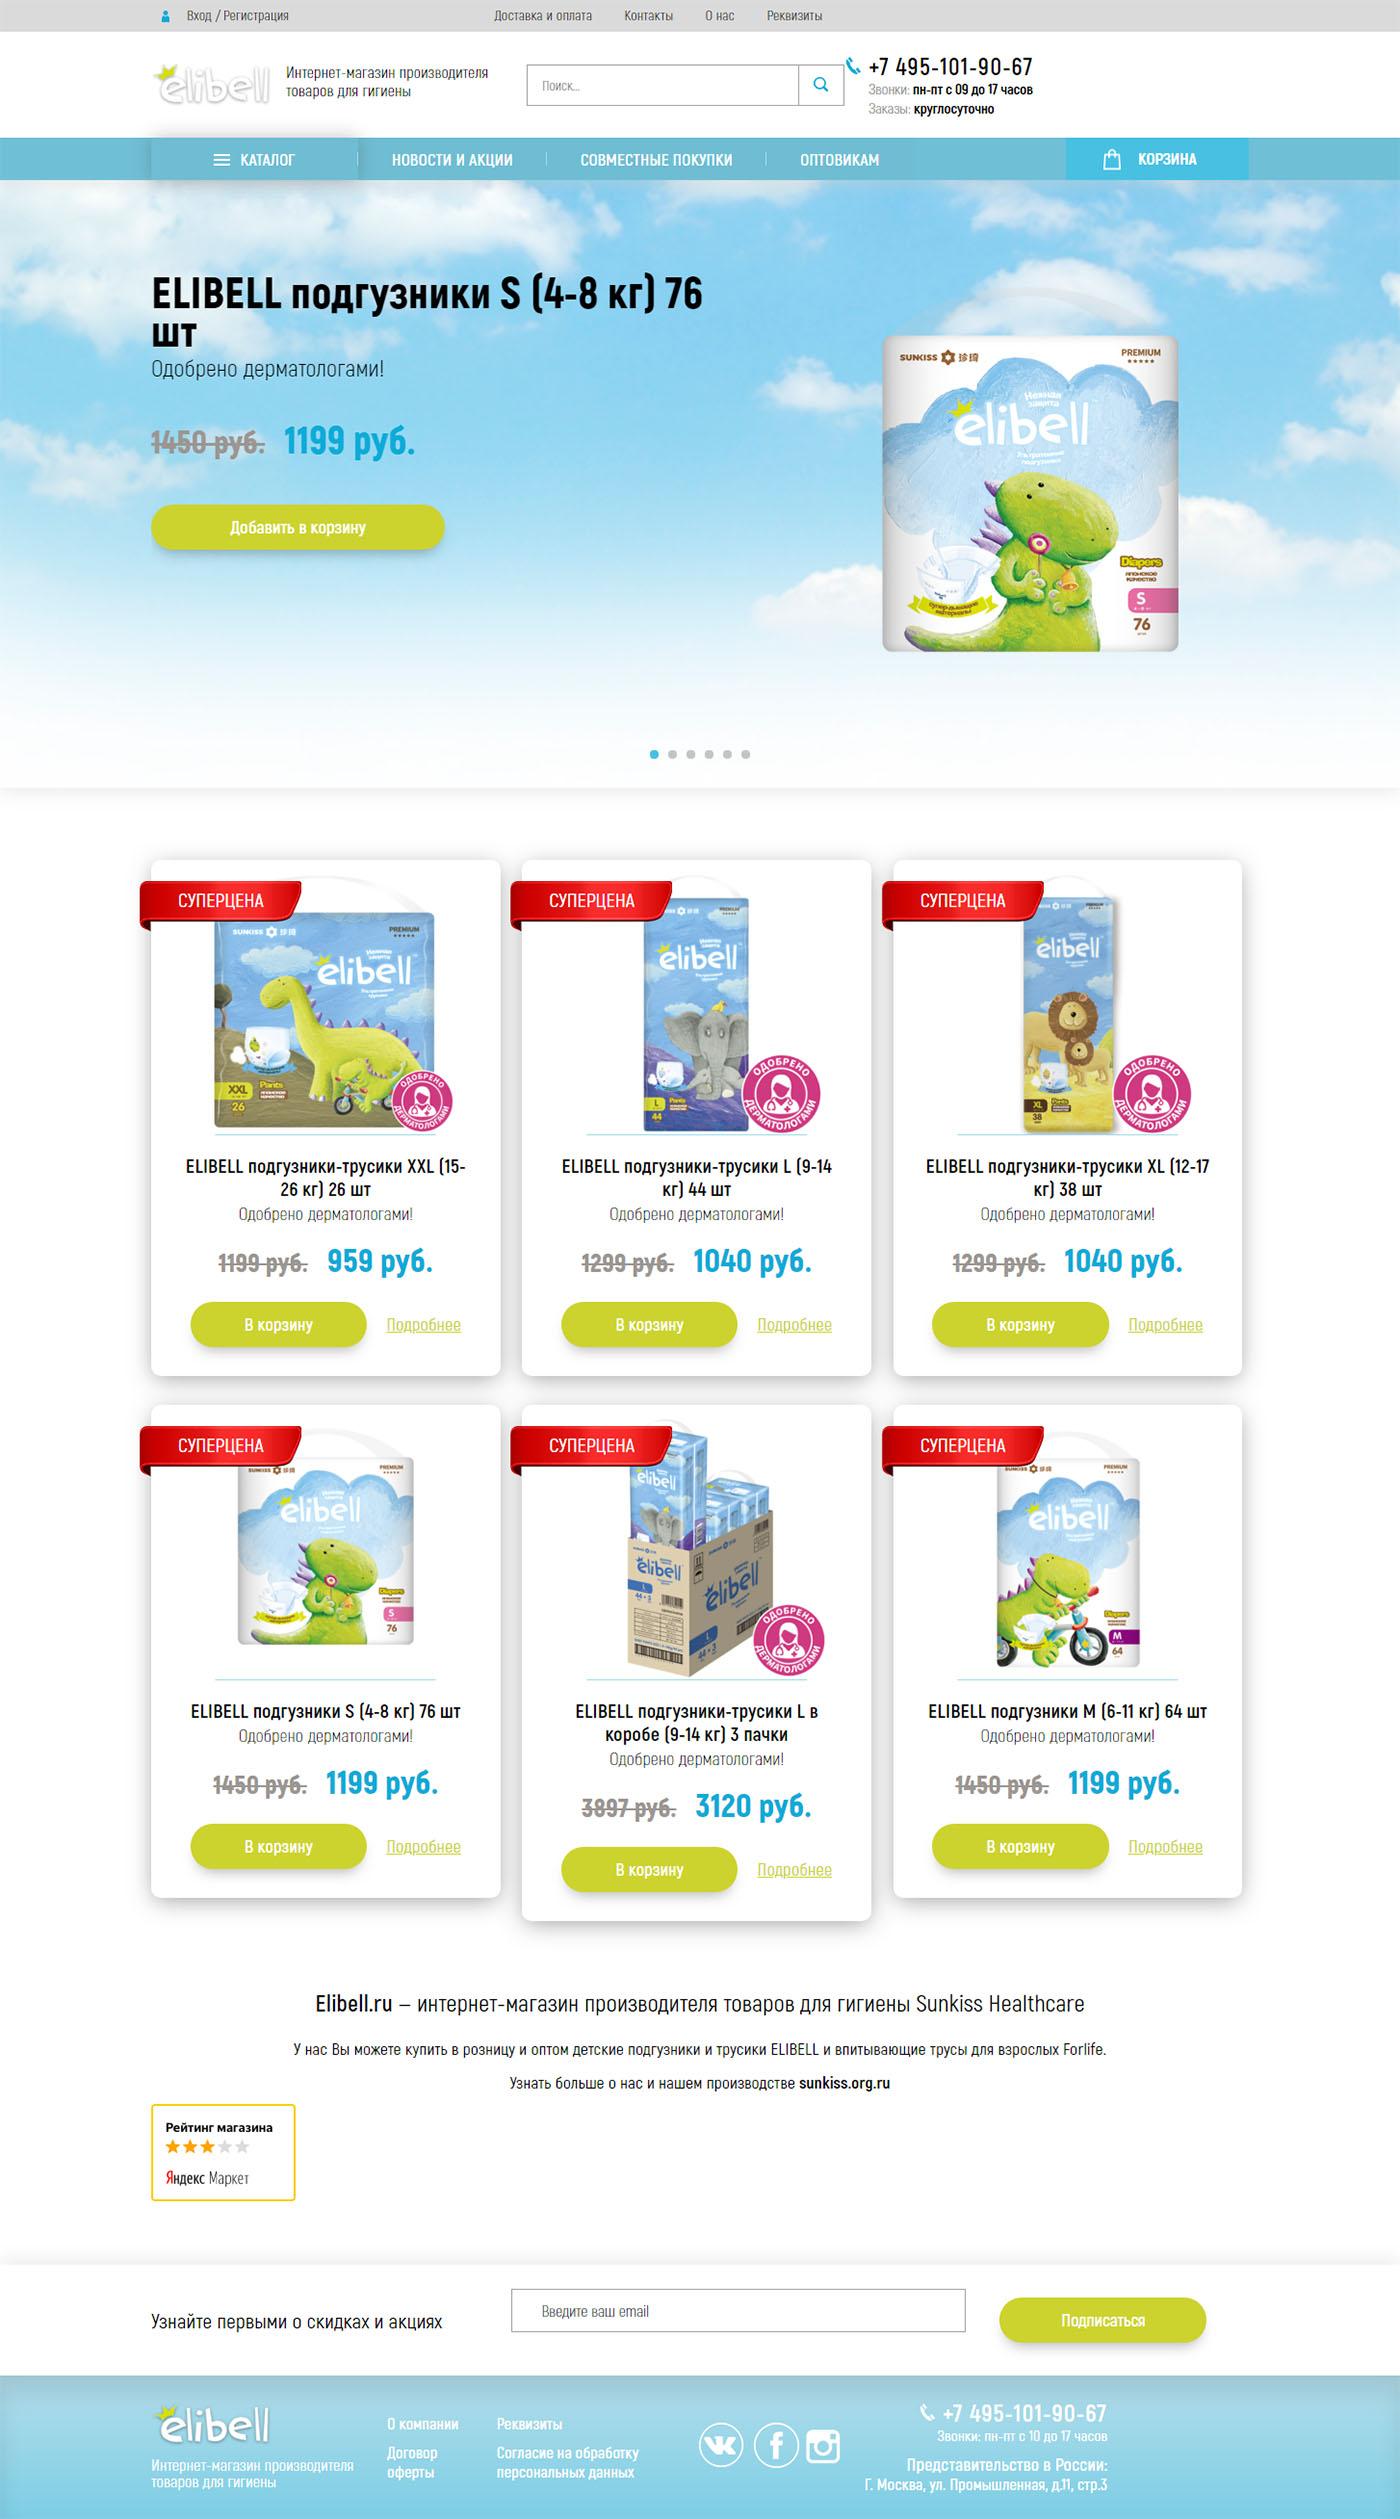 Интернет-магазин производителя товаров для гигиены Elibell